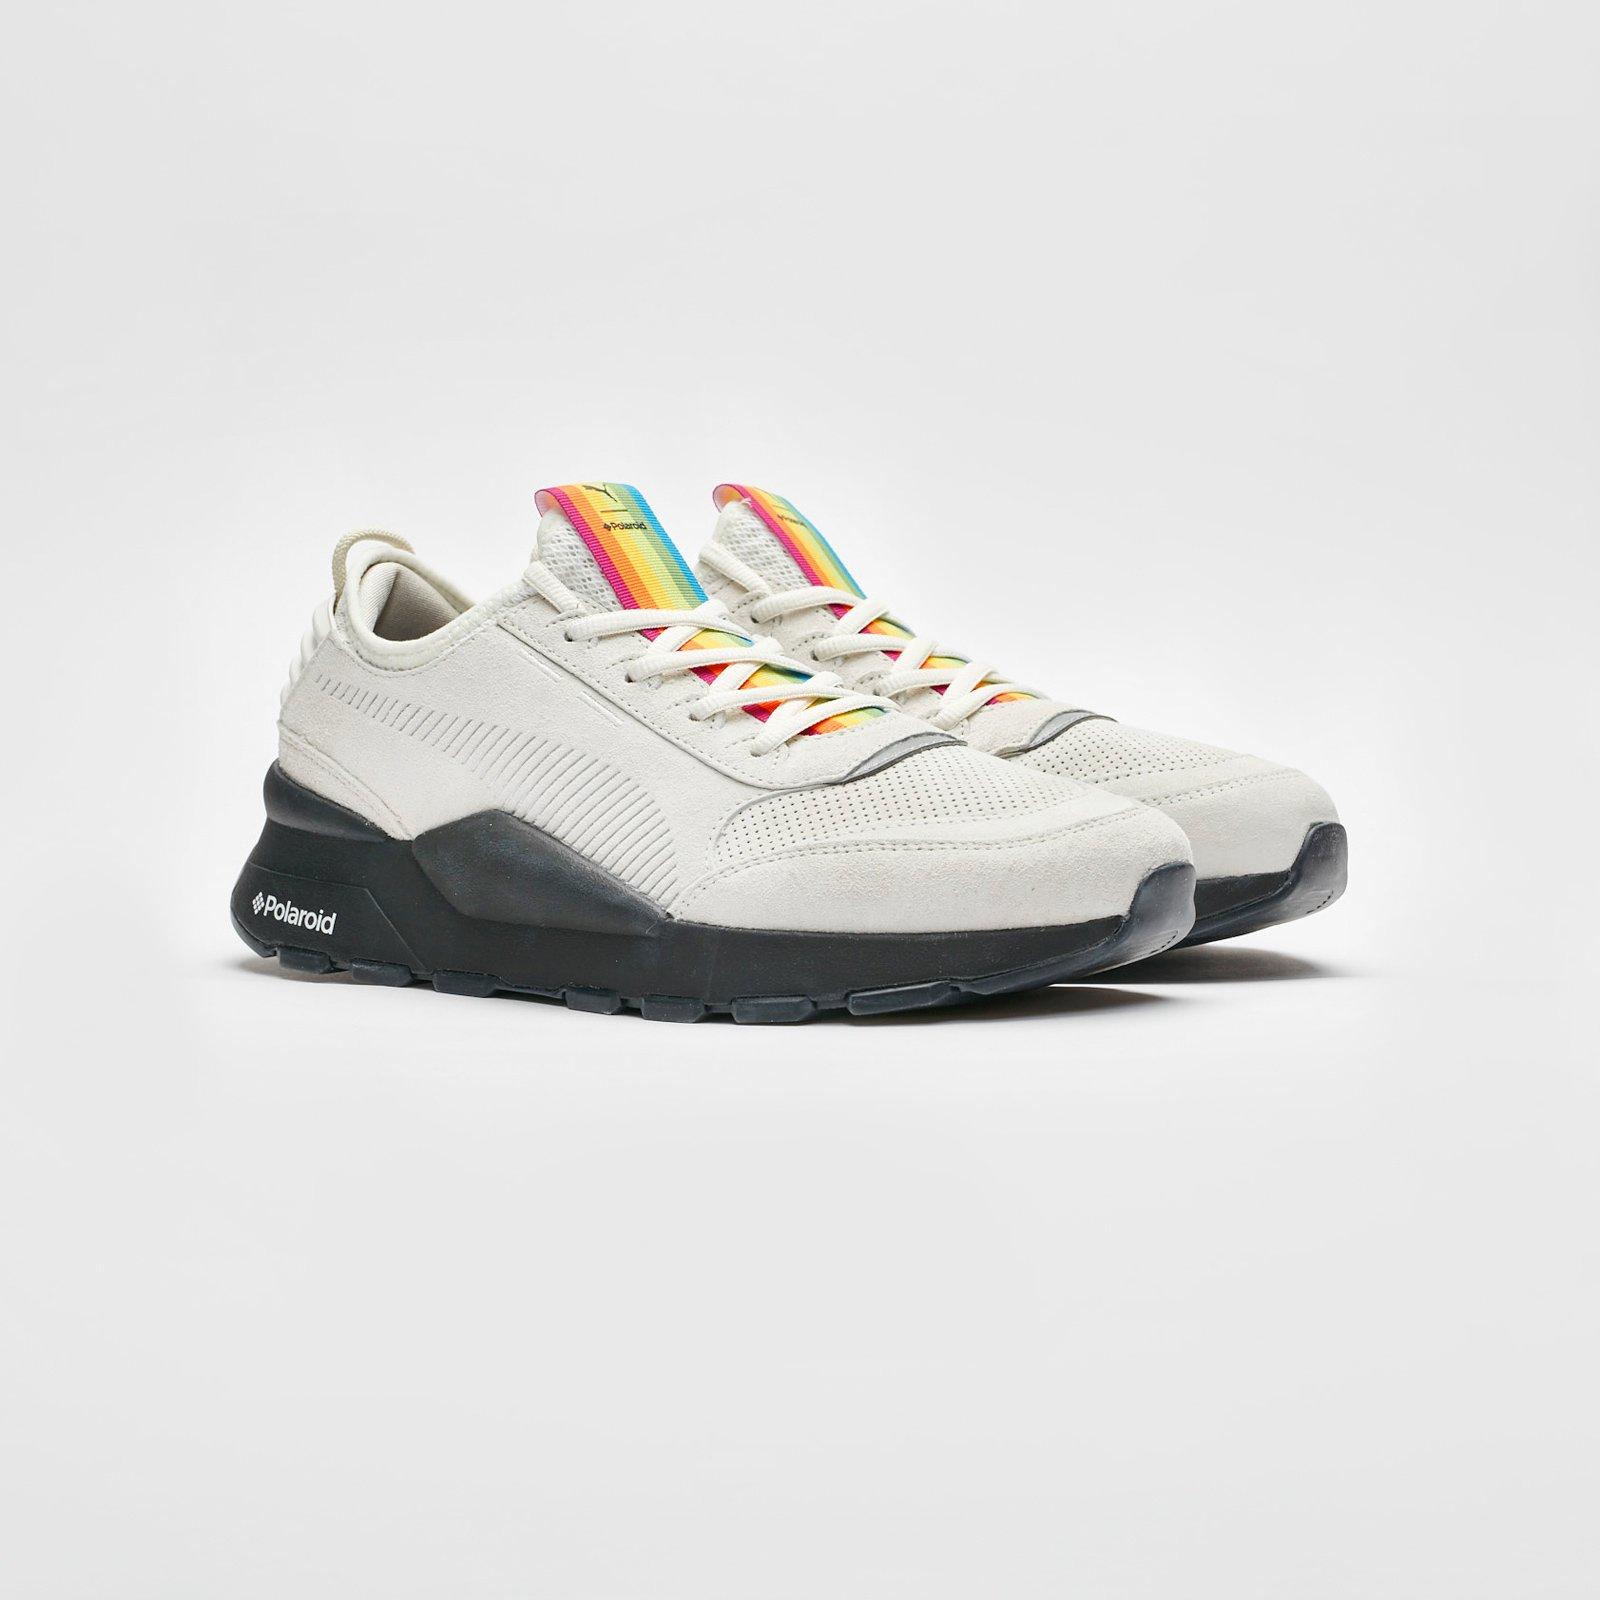 6de49d1412eb Puma RS-0 X Polaroid - 368436-01 - Sneakersnstuff